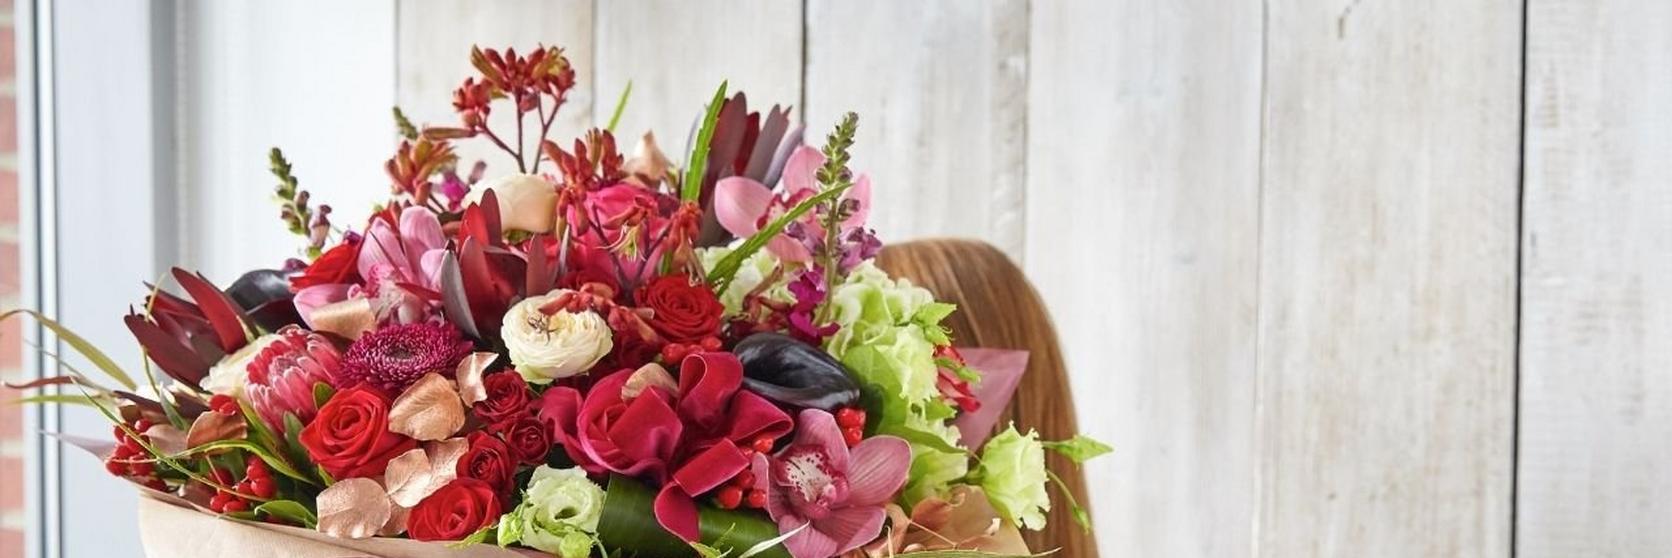 send-a-virtual-bouquetheader